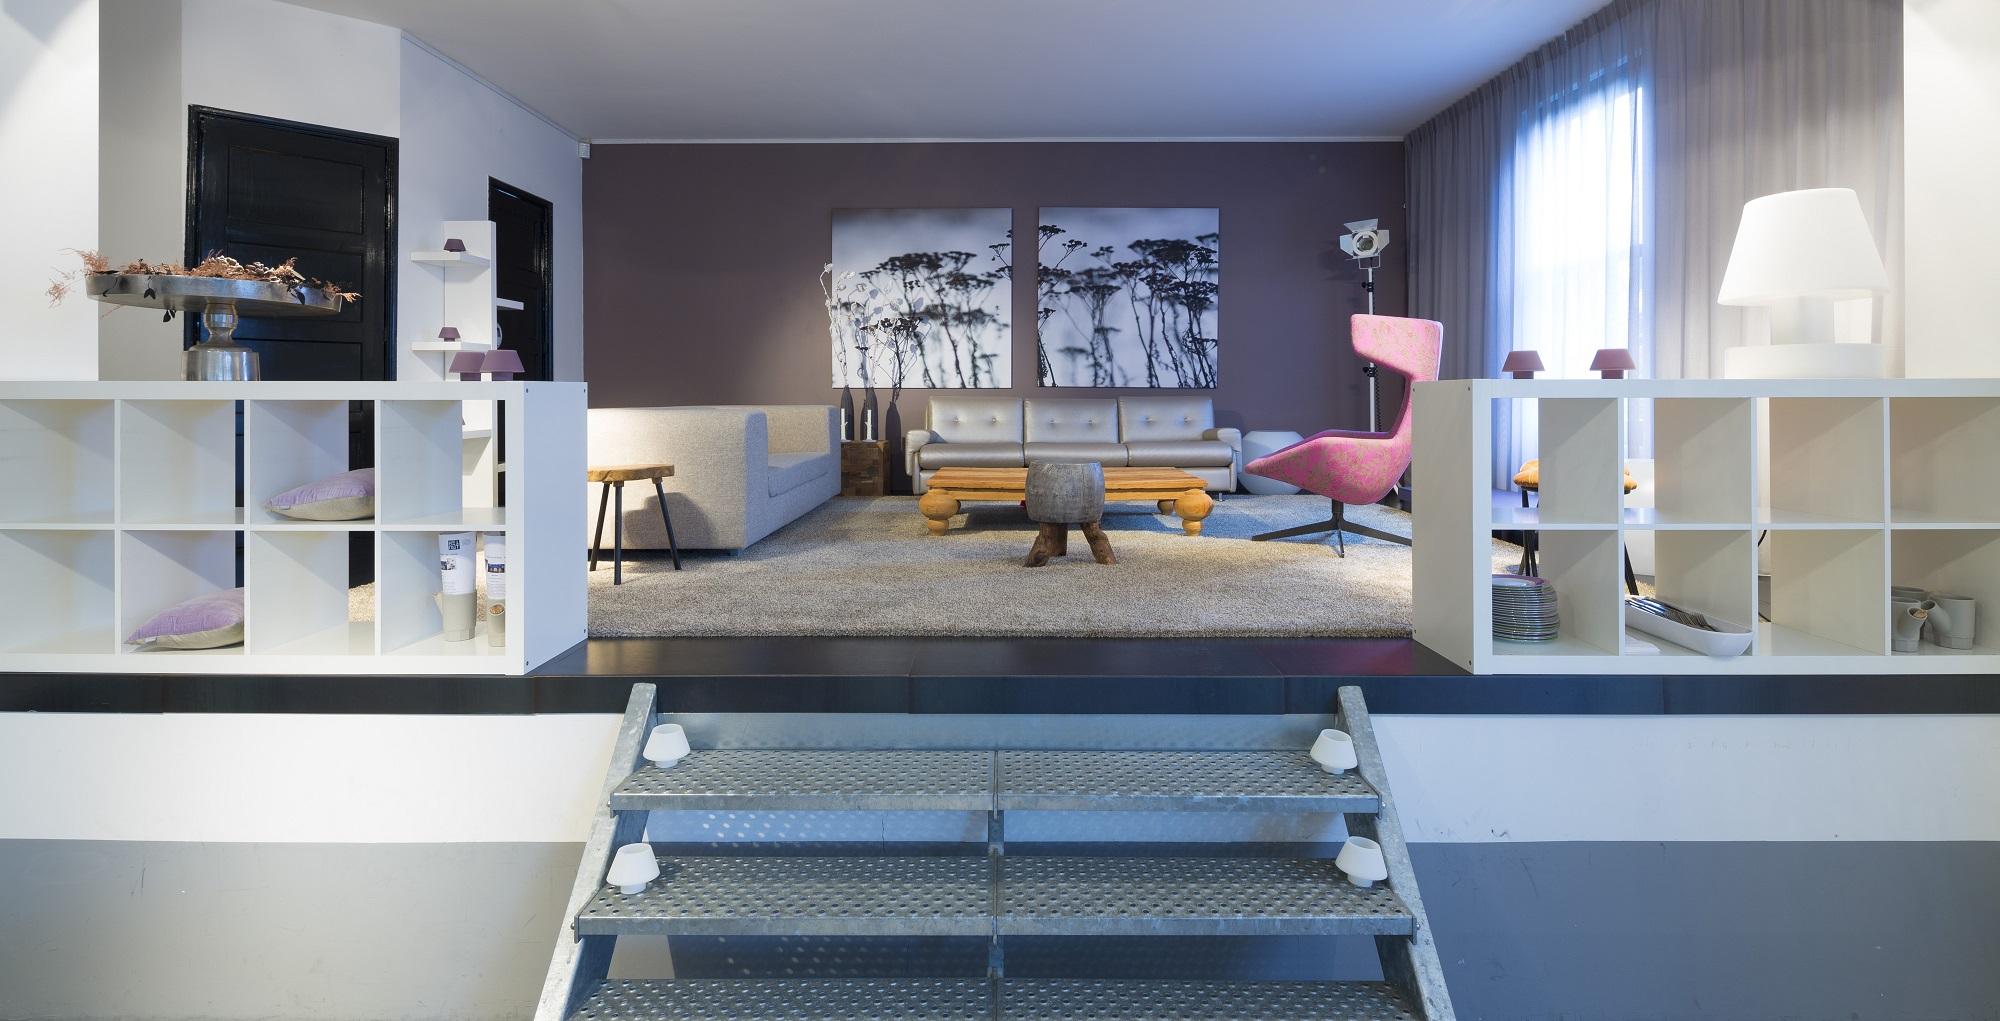 Inspirerende locatie het nut in beesd greater venues - Interieur binnenkomst ...